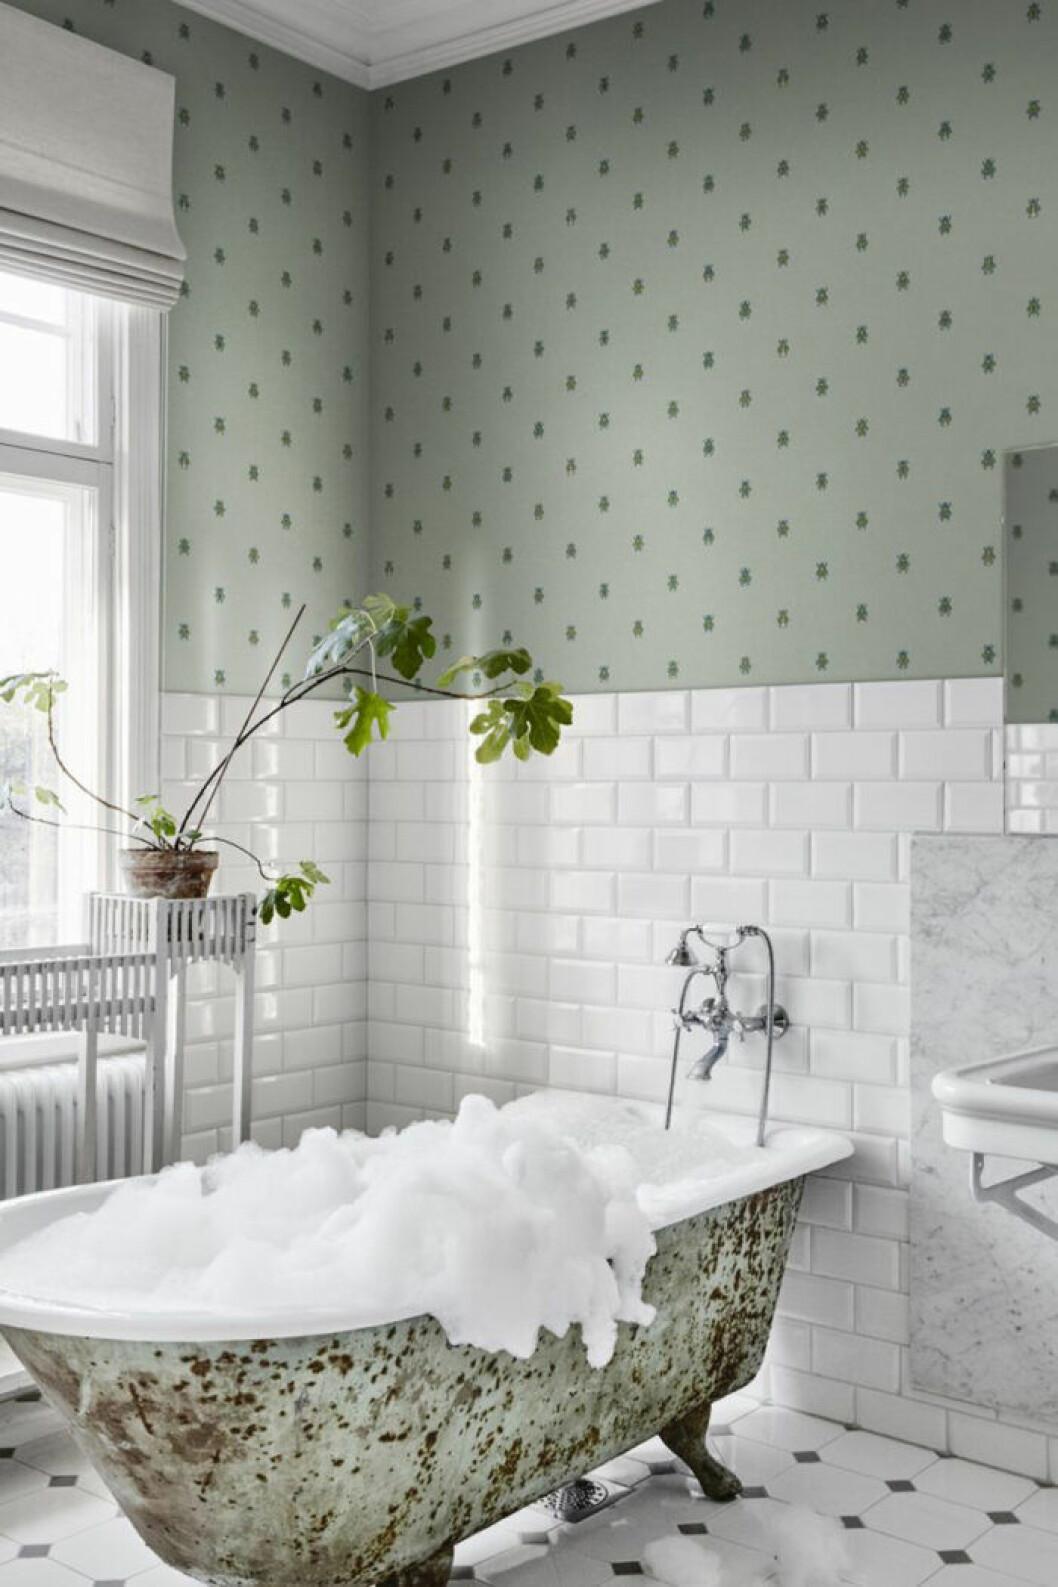 halvkaklat badrum med badkar och tapet